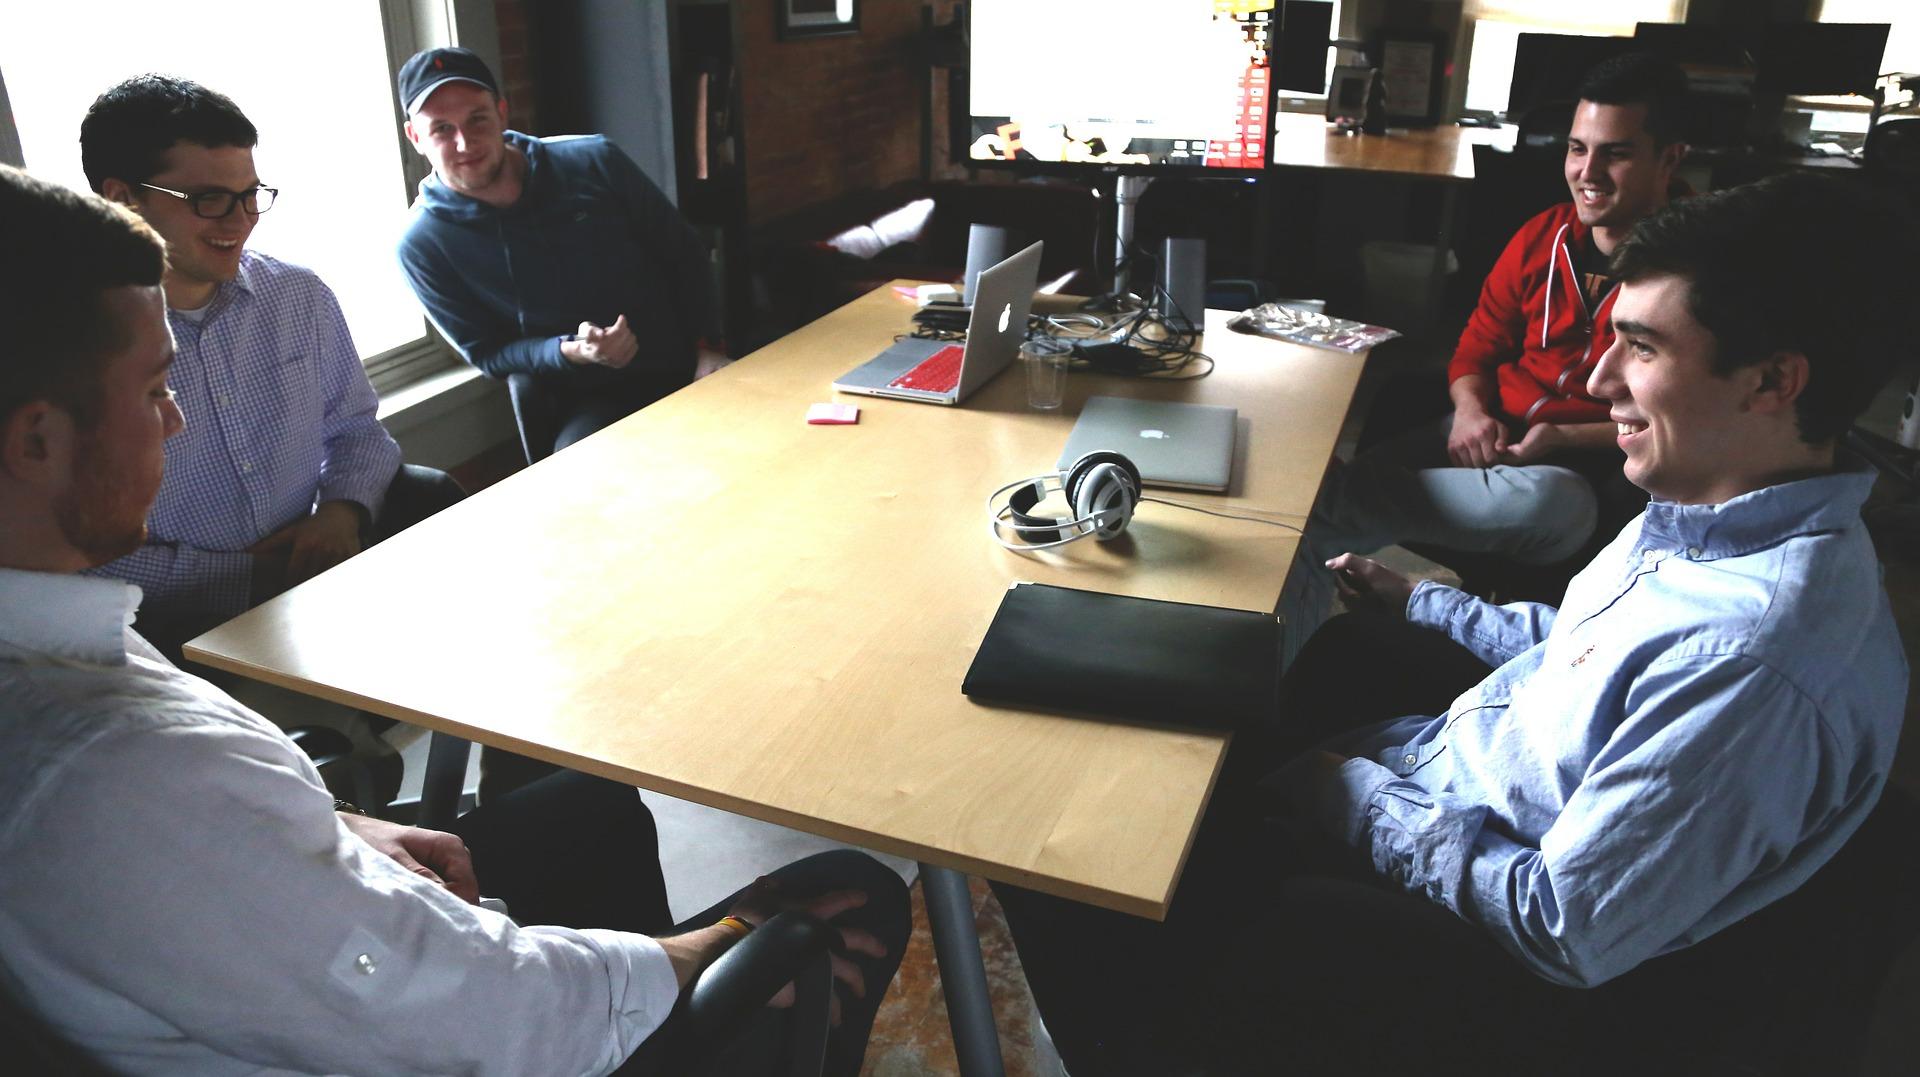 engager-prospects-jeprospecte-by-tilkee